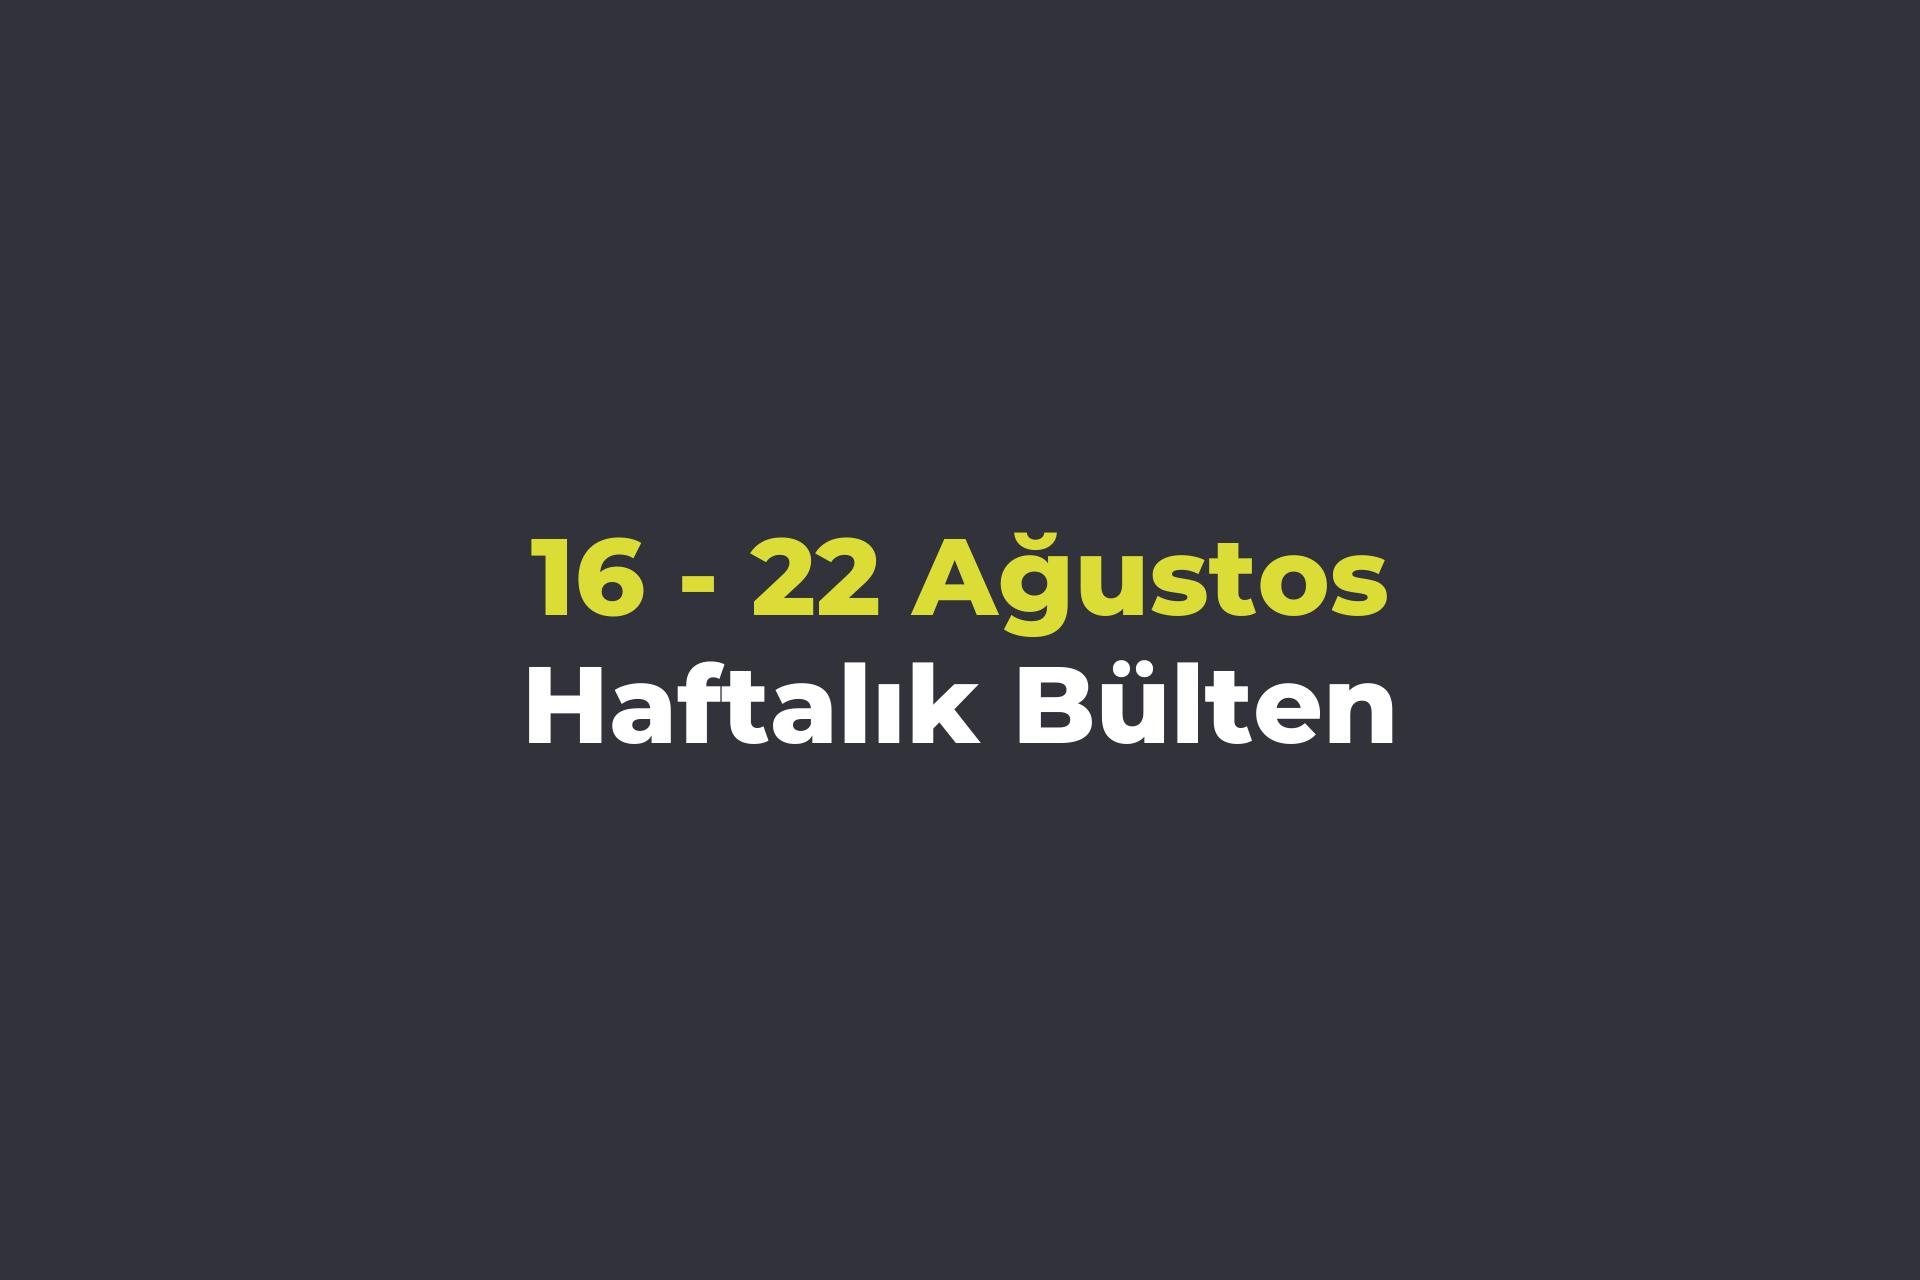 16-22 Ağustos Haftalık Bülteni